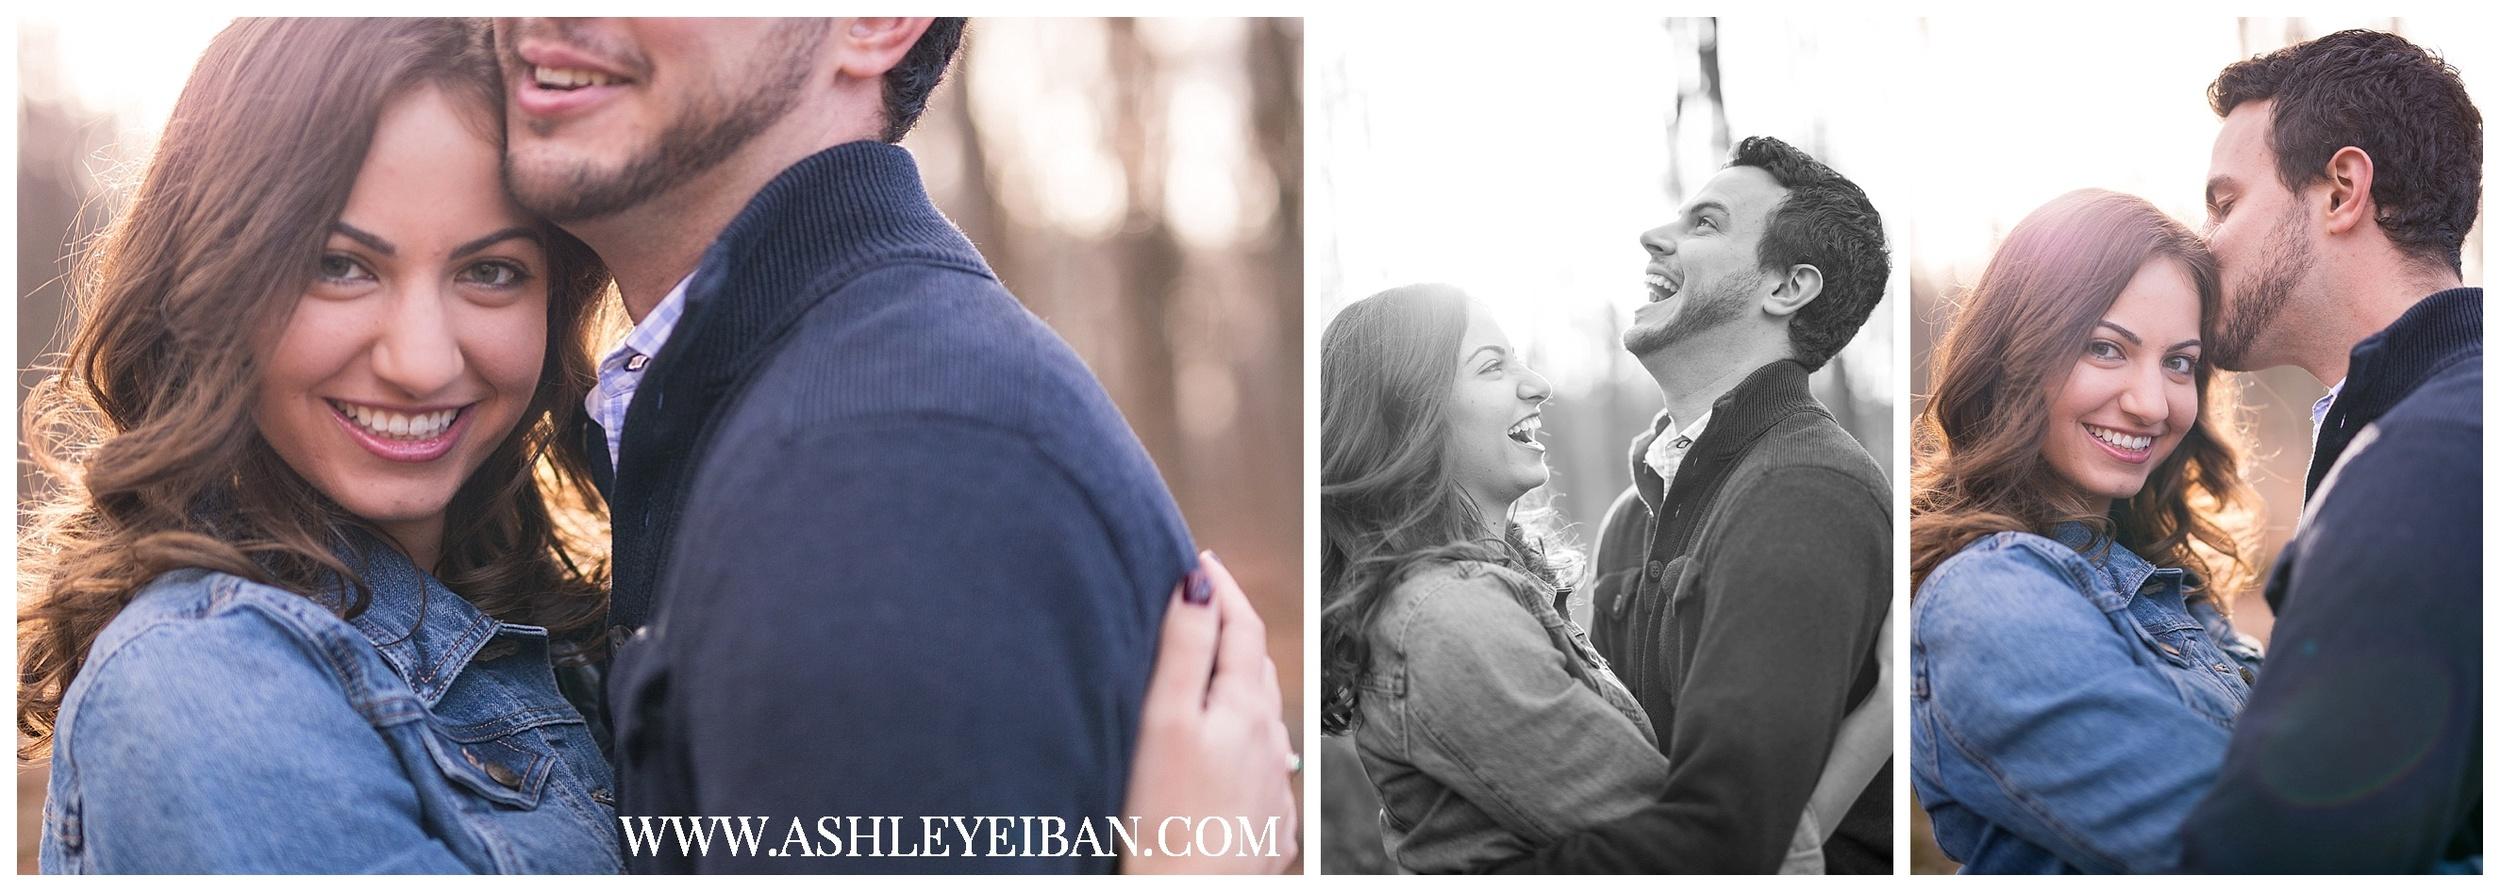 Wedding Photographer in Lynchburg, VA || Engagement Photographer in Lynchburg, VA and Central VA || Ashley Eiban Photography || www.ashleyeiban.com